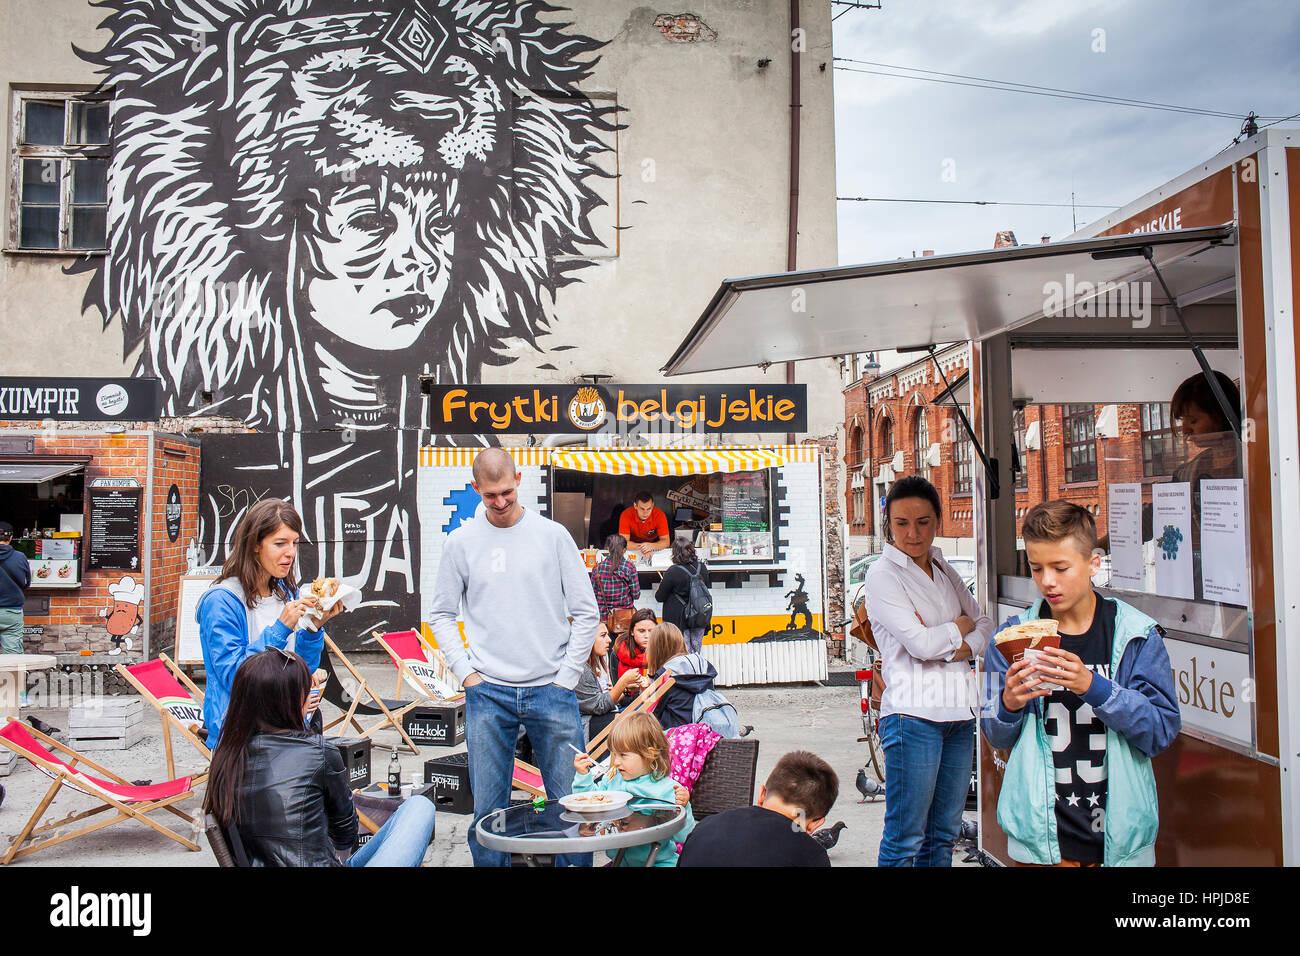 Skwer Judá, cada día, encuentro de camiones de alimentos, delante de Judá ilustraciones por Pil peled, Imagen De Stock